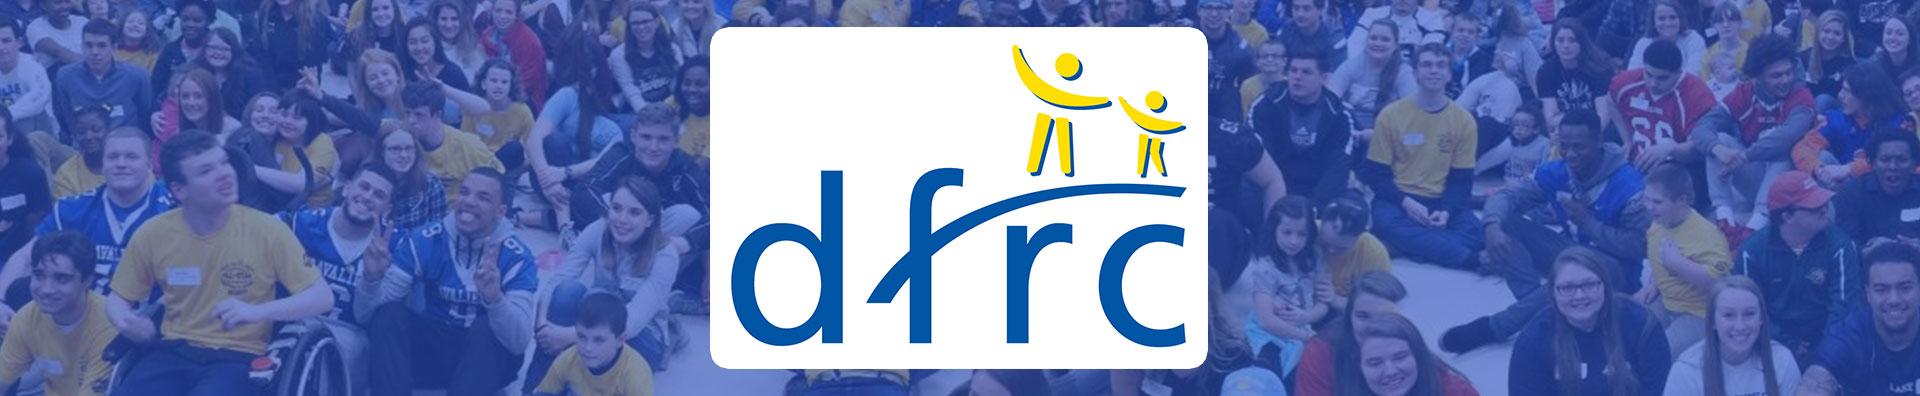 DRFC banner